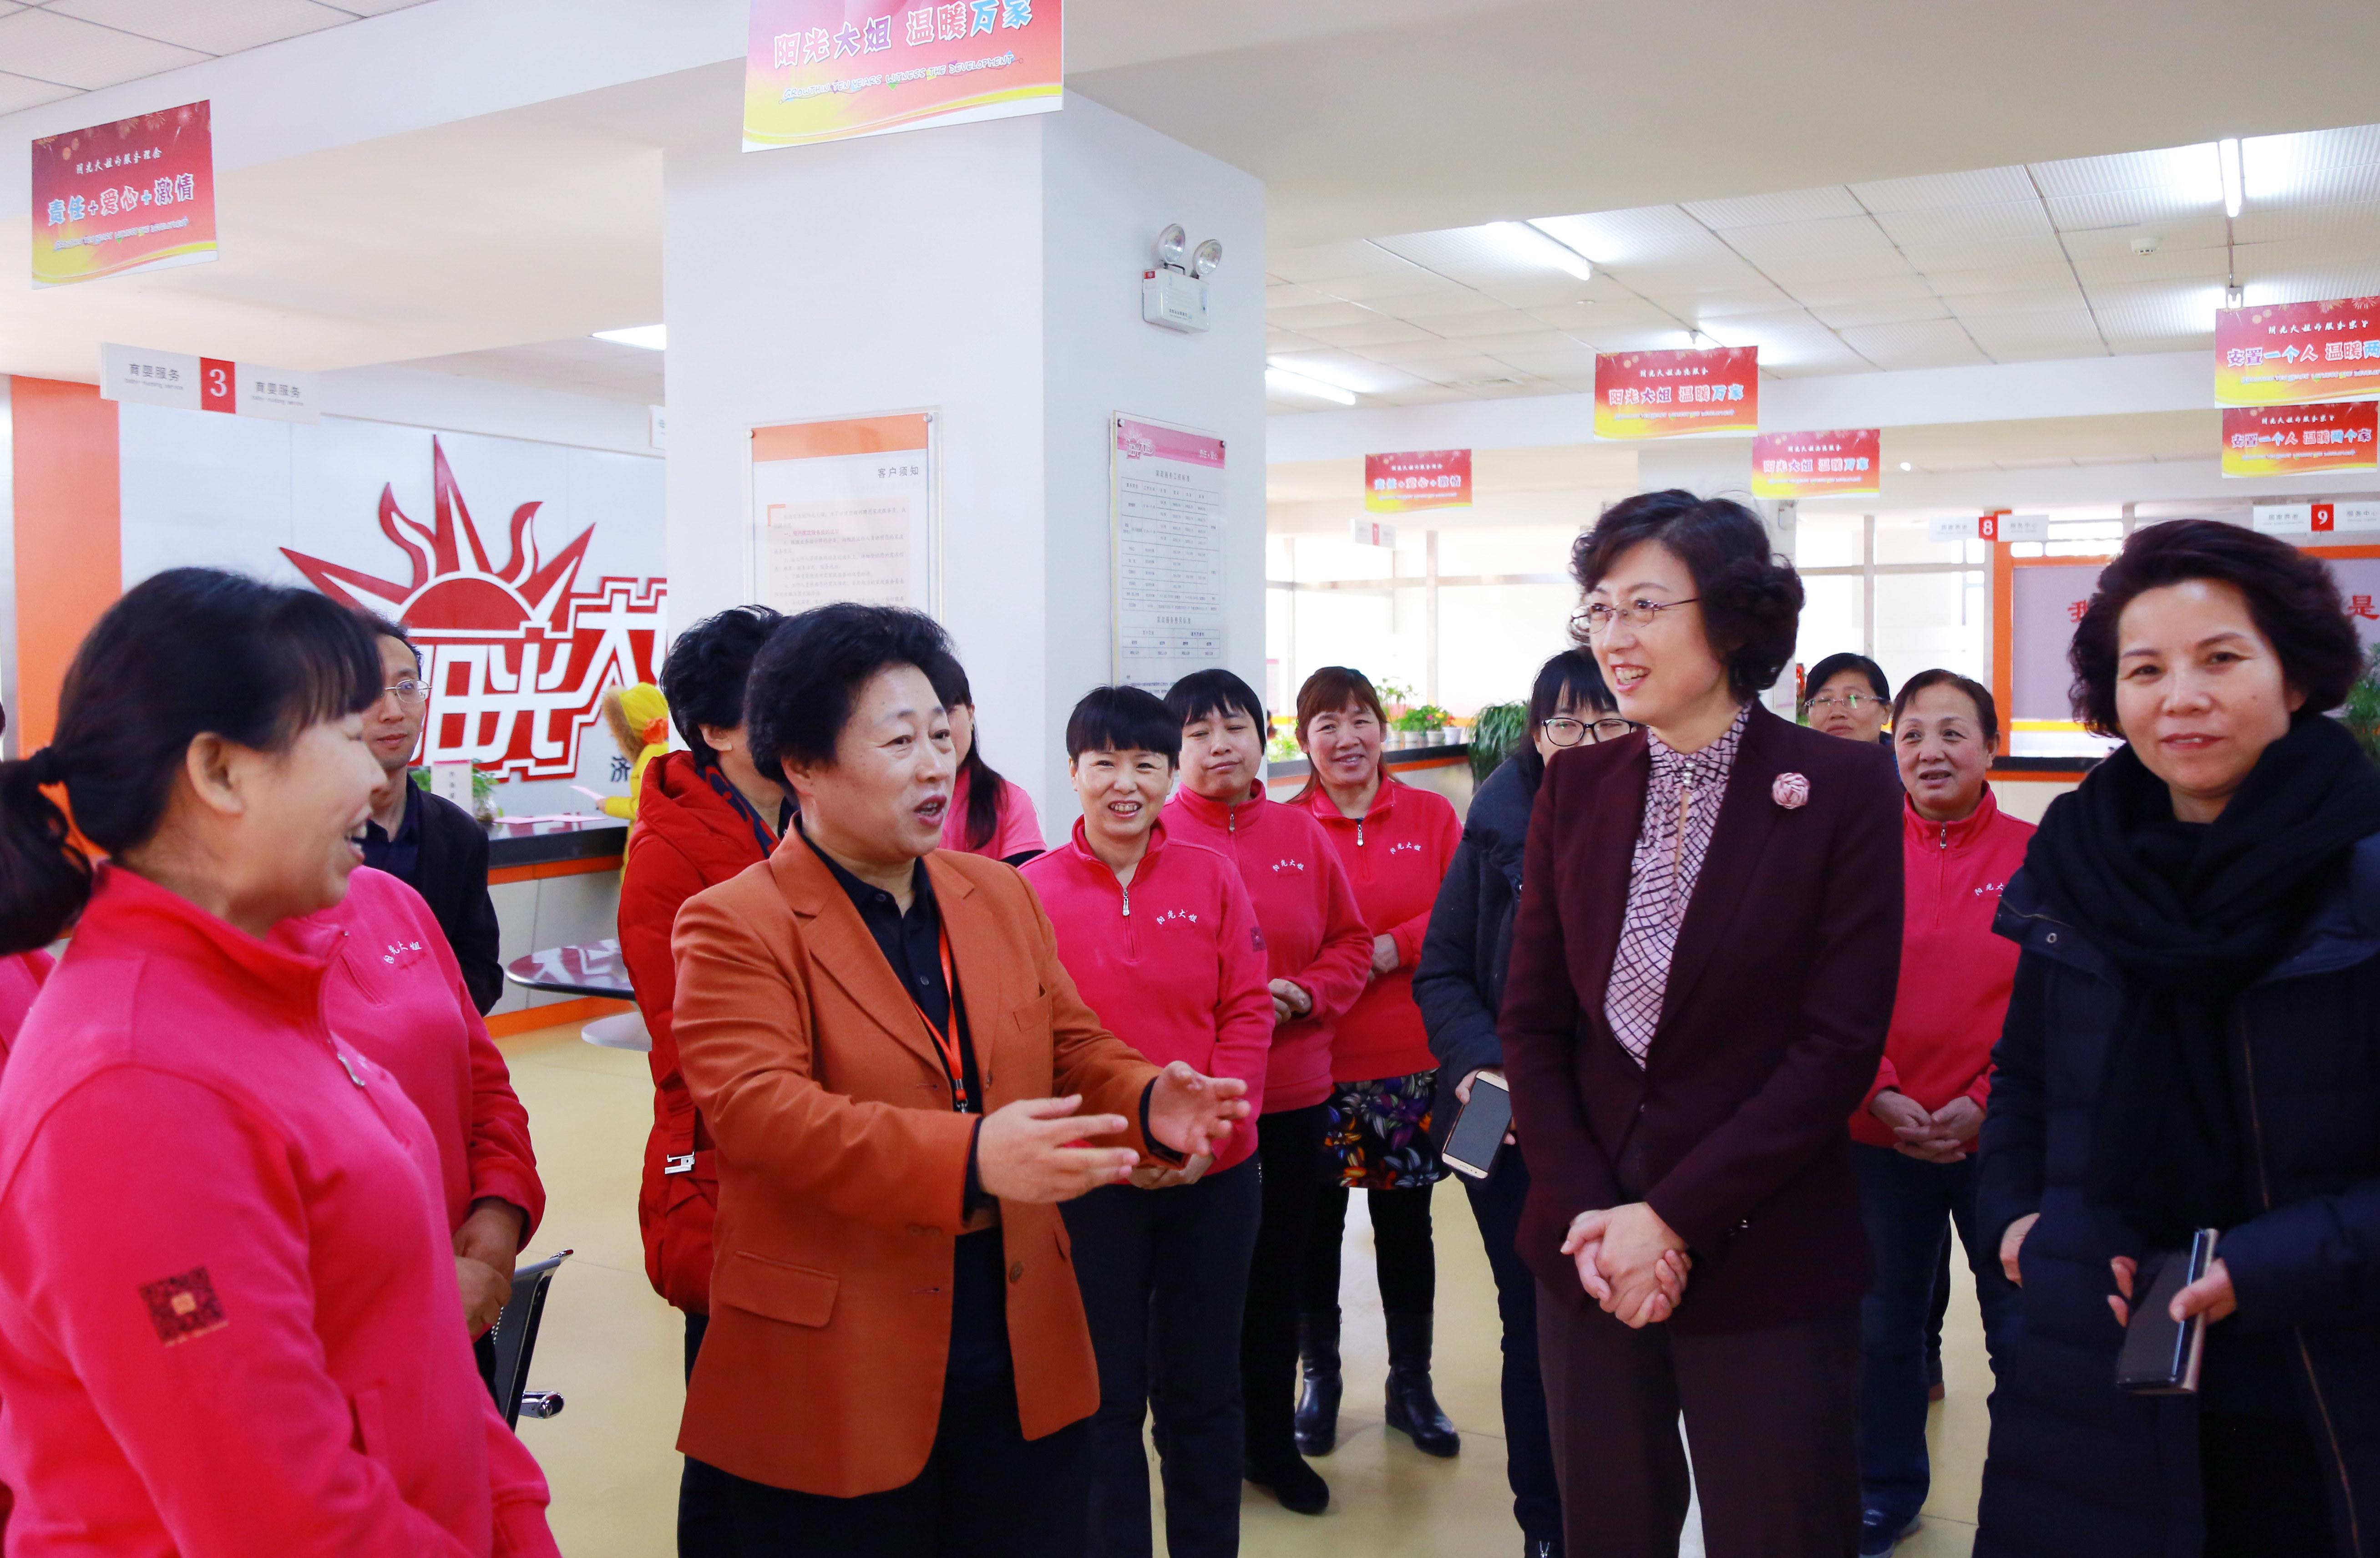 省妇联主席张惠到济南市阳光大姐调研指导工作